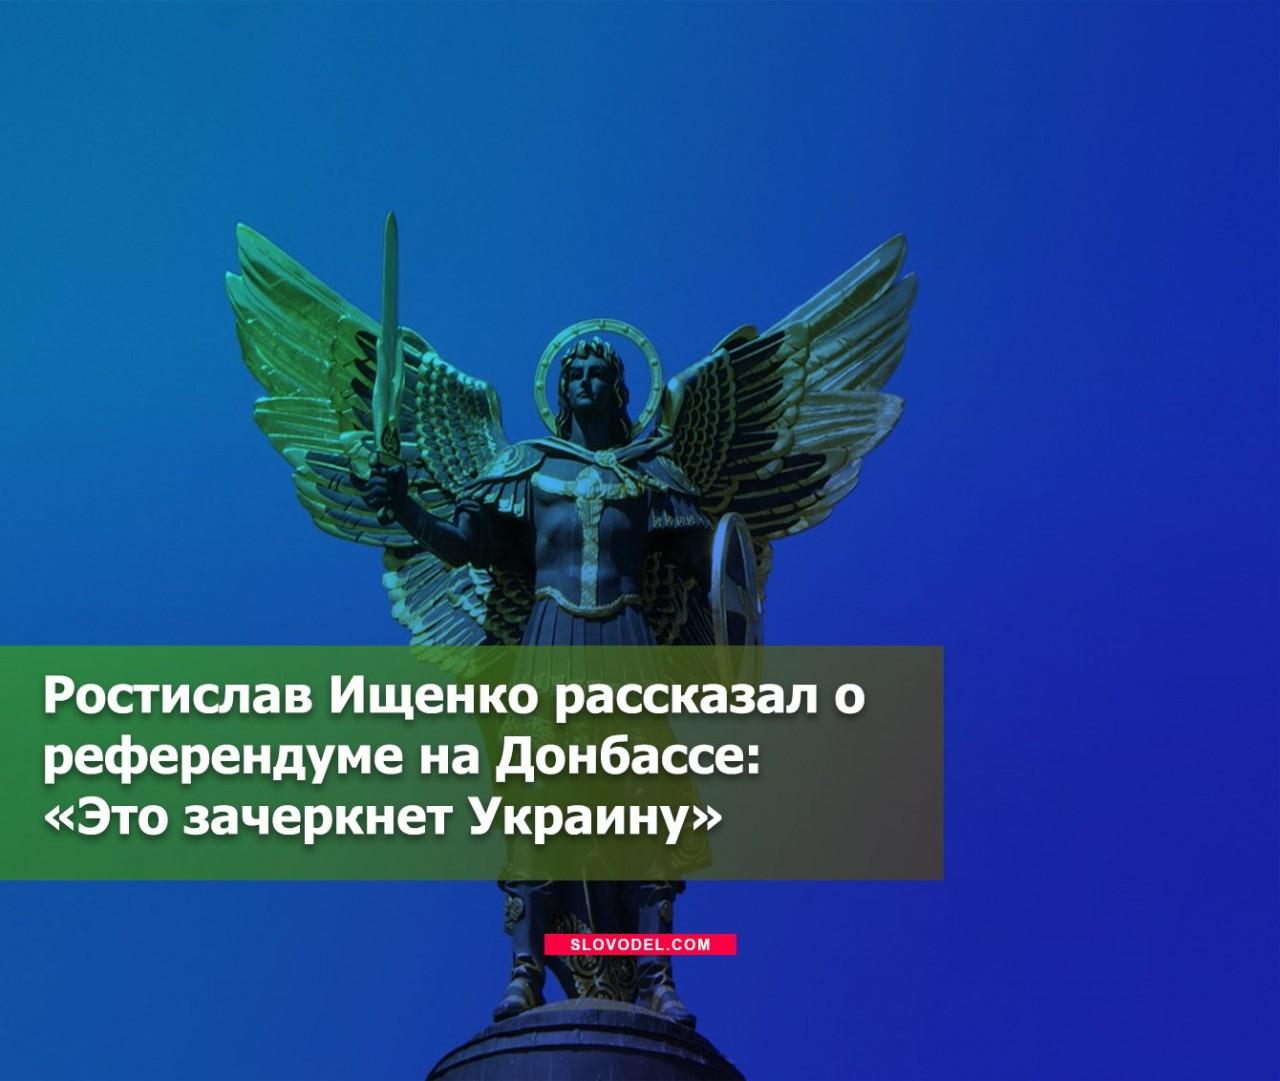 Ростислав Ищенко рассказал о референдуме на Донбассе: «Это зачеркнет Украину»